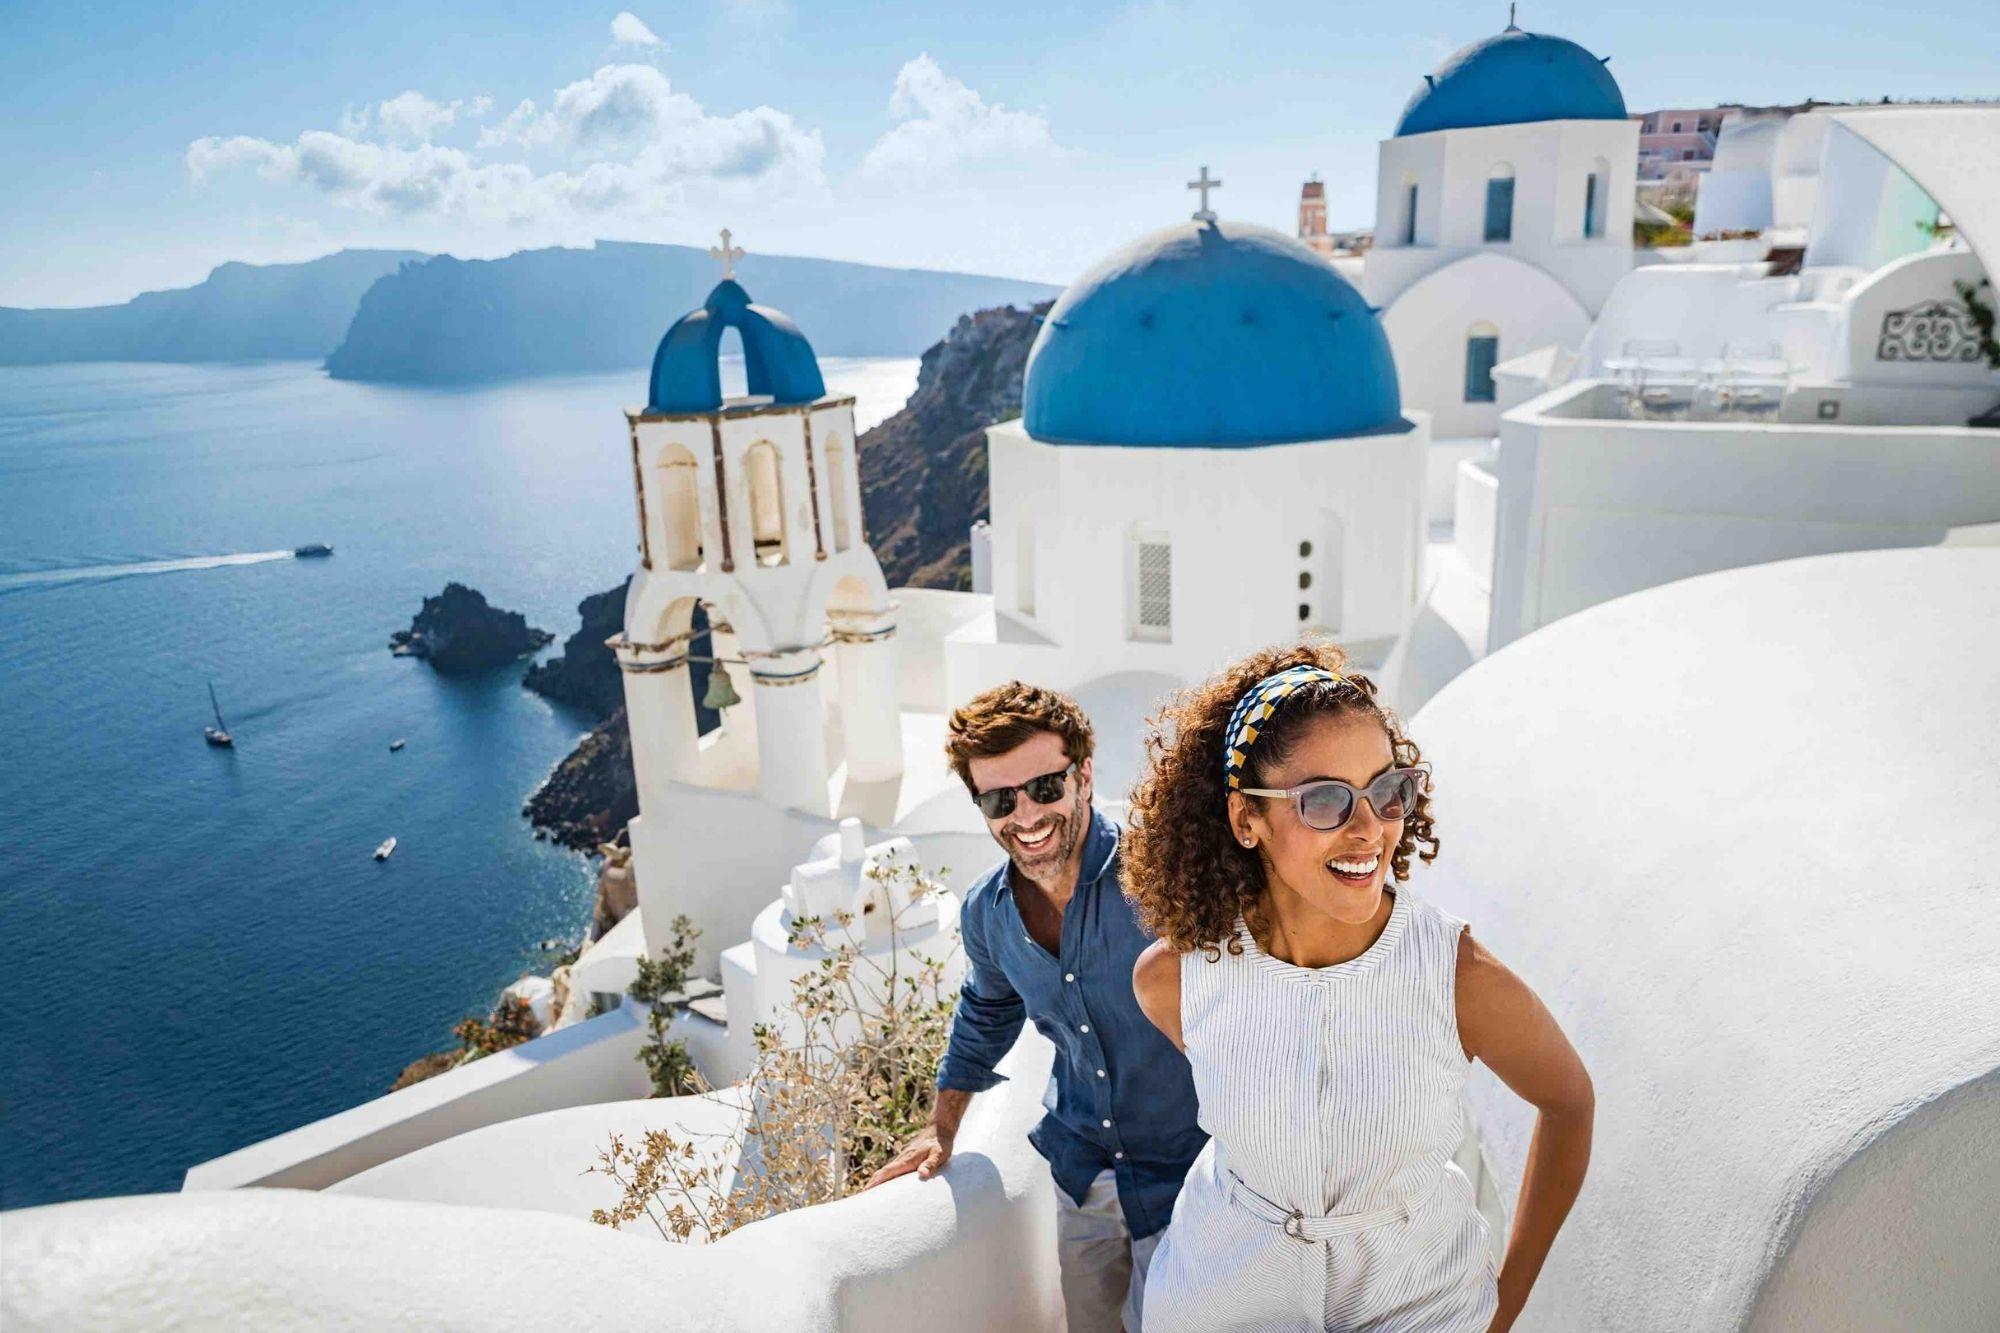 Norwegian Cruise Line startet erstmals große TV-Kampagne in Deutschland